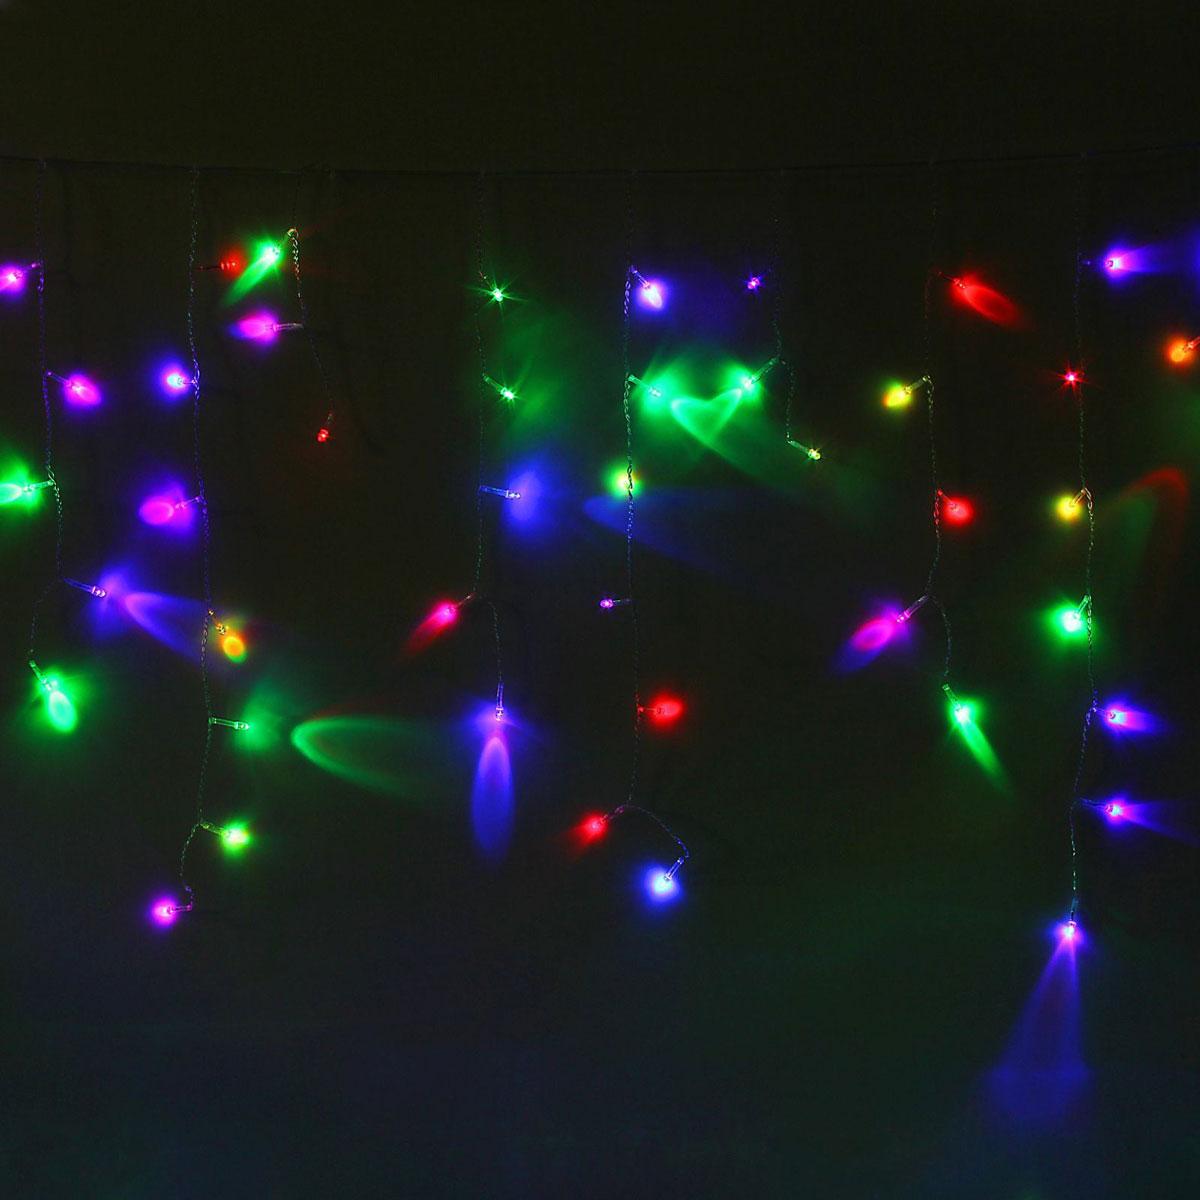 Гирлянда светодиодная Luazon Бахрома, моргает, 120 ламп, 220 V, цвет: мультиколор, 2,4 х 0,6 м. 10804131080413Светодиодные гирлянды, ленты и т.д — это отличный вариант для новогоднего оформления интерьера или фасада. С их помощью помещение любого размера можно превратить в праздничный зал, а внешние элементы зданий, украшенные ими, мгновенно станут напоминать очертания сказочного дворца. Такие украшения создают ауру предвкушения чуда. Деревья, фасады, витрины, окна и арки будто специально созданы, чтобы вы украсили их светящимися нитями.